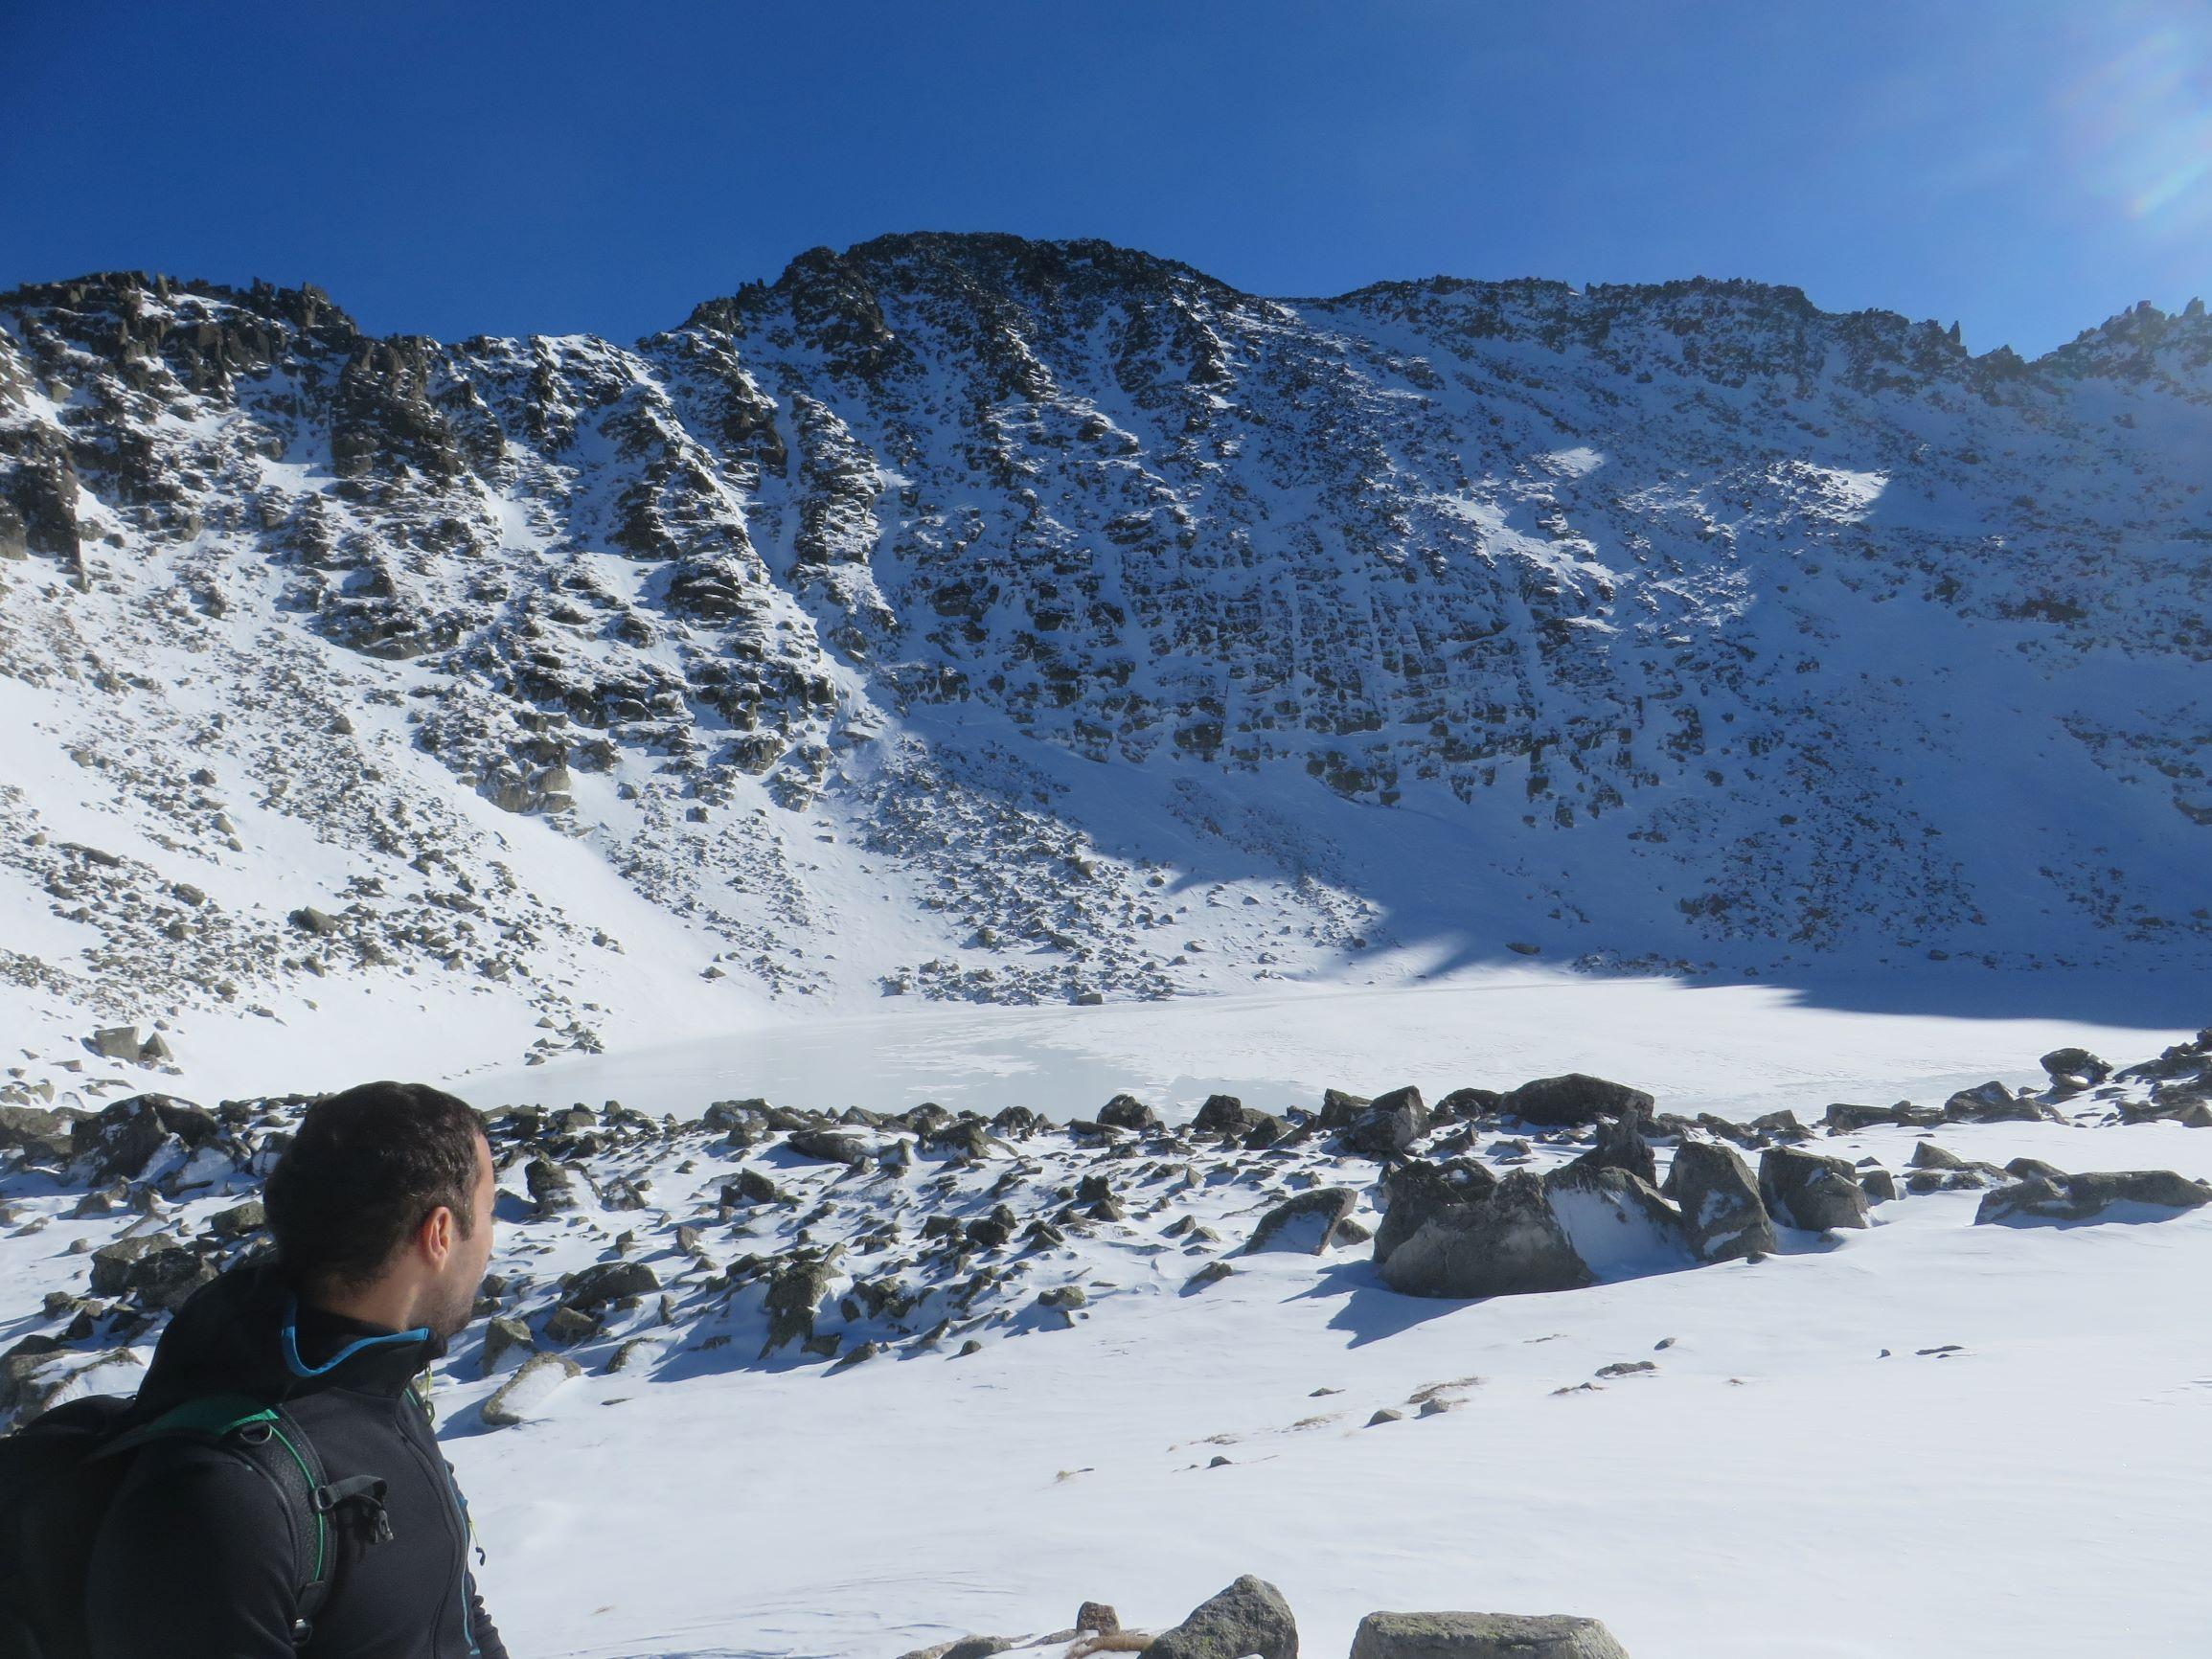 Icy Lake below the Musala peak